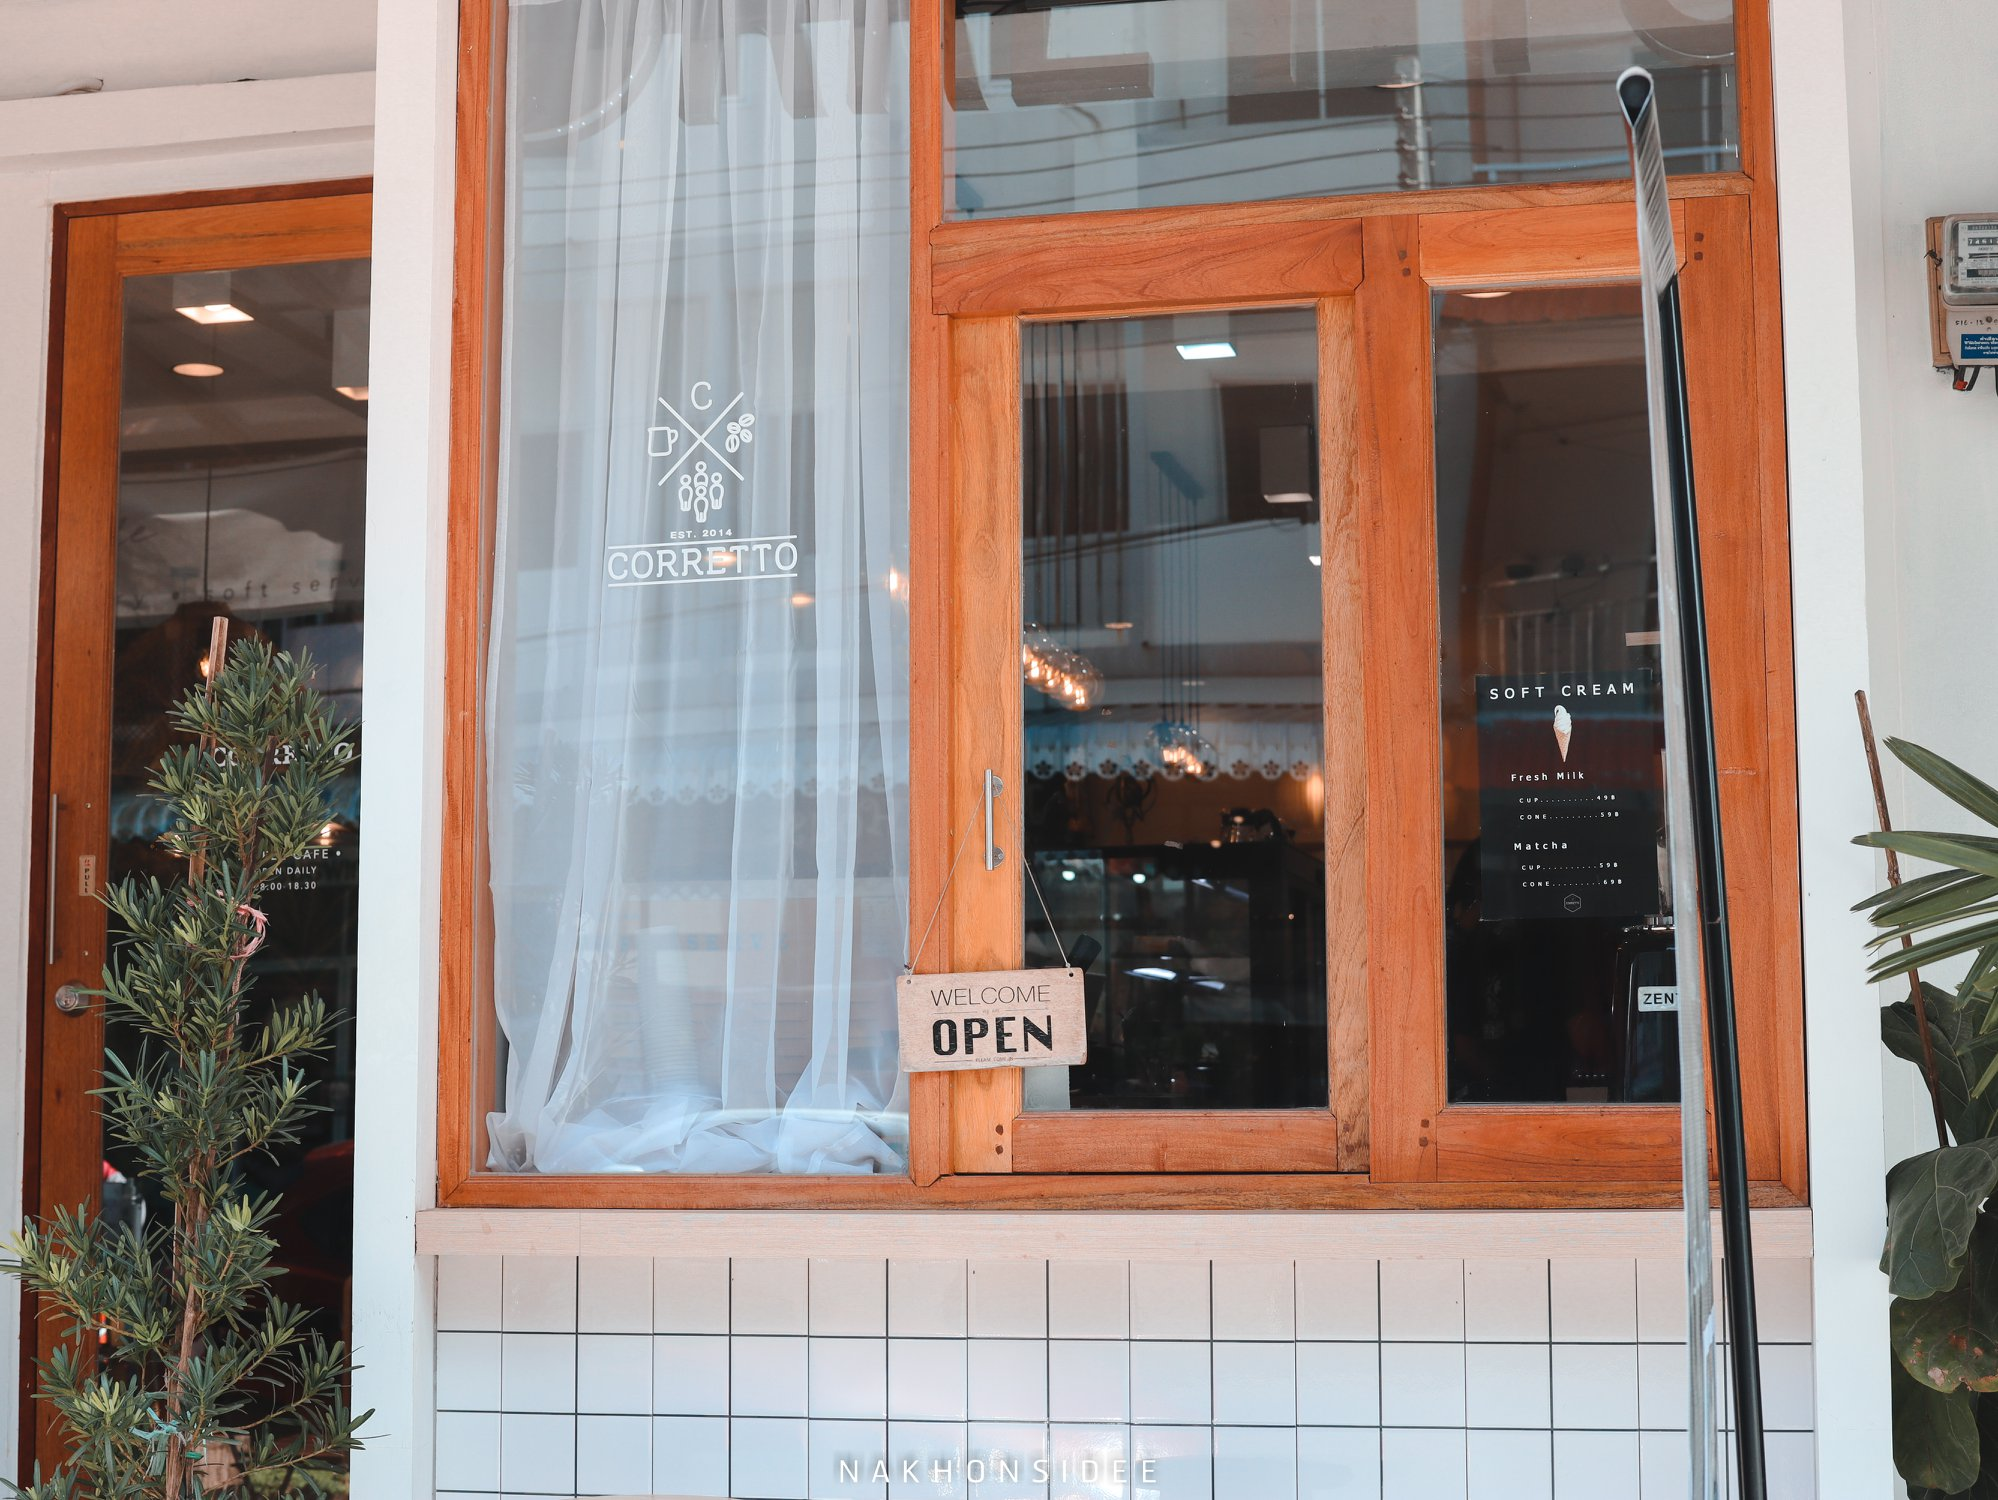 หน้าร้านสไตล์มินิมอลสวยๆคอเร็ทโต้,Corretto,ร้านกาแฟ,คาเฟ่,ใจกลางเมือง,อร่อย,ช็อกโกแลต,มัจฉะ,ชาเขียว